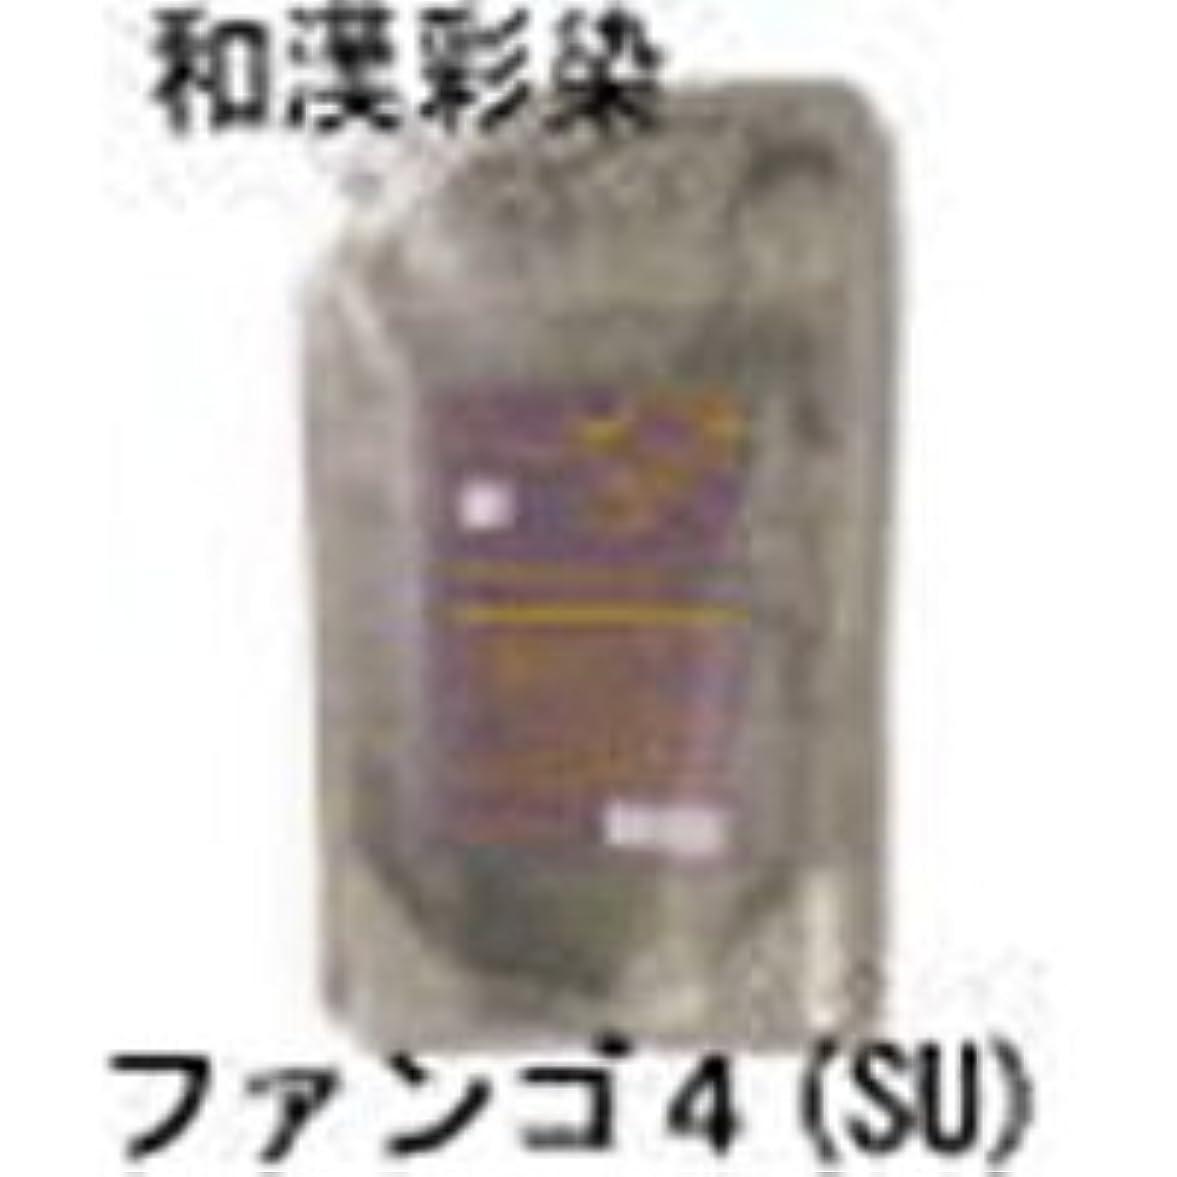 ワックス見分けるアンケートグランデックス アルティゾラ APT 和漢彩染 ファンゴ4 スーパーボリュームアップ SU 800g